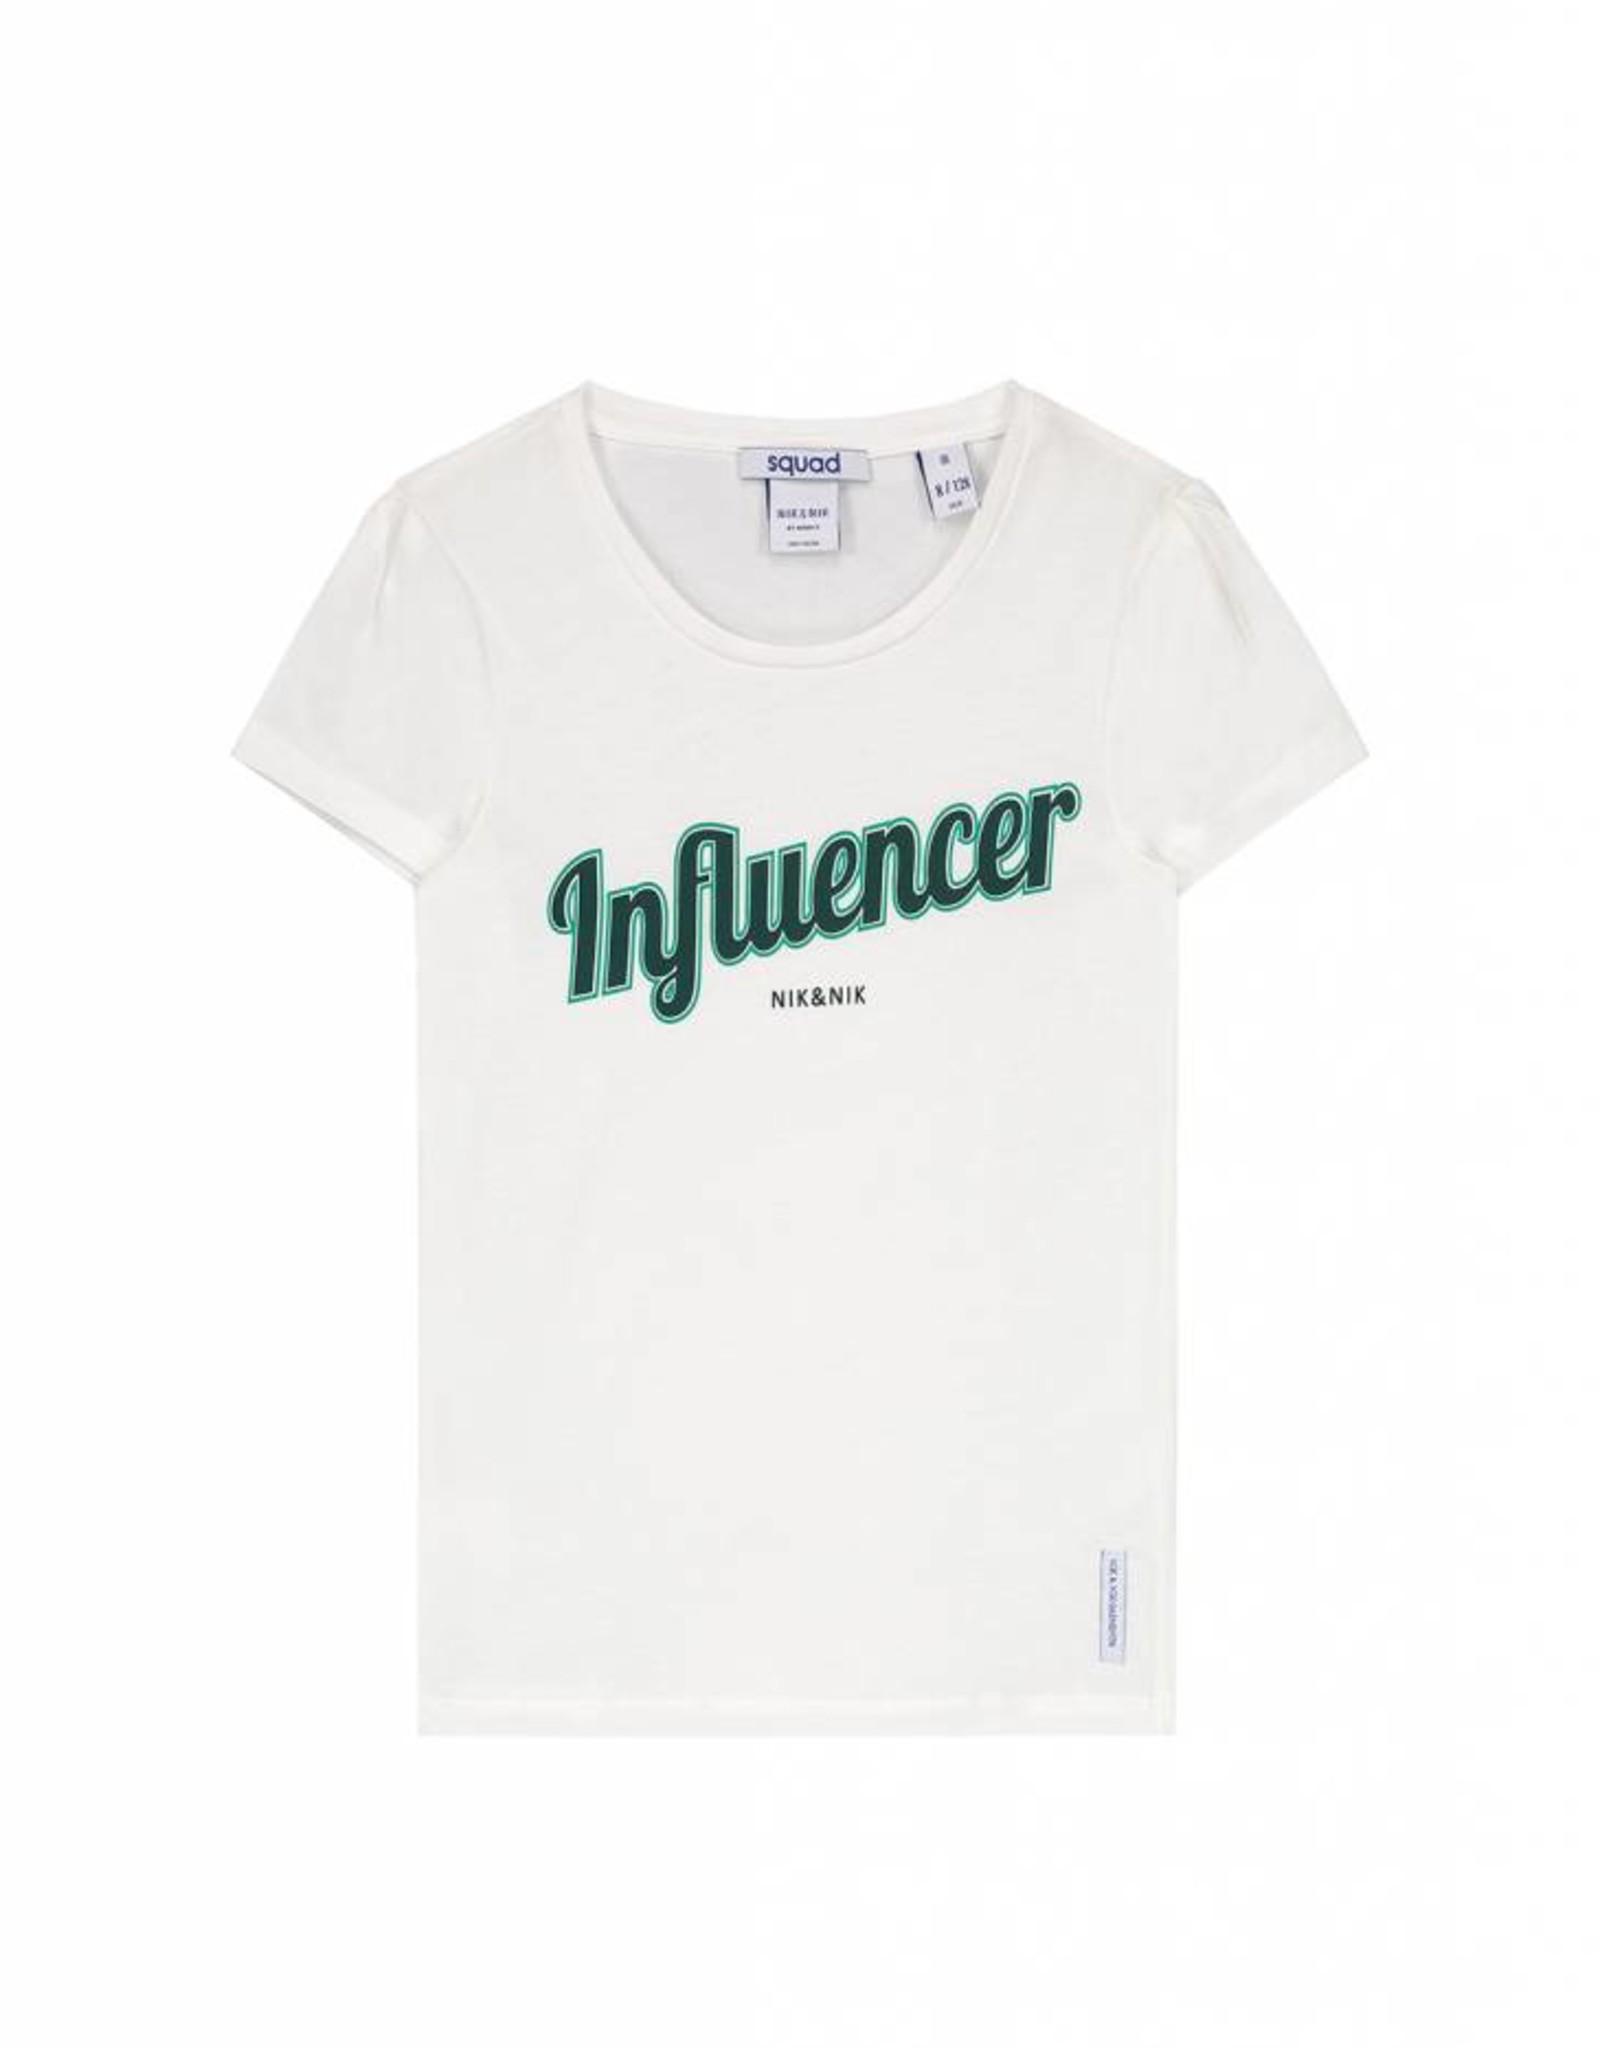 Nik&Nik - Influencer T-shirt